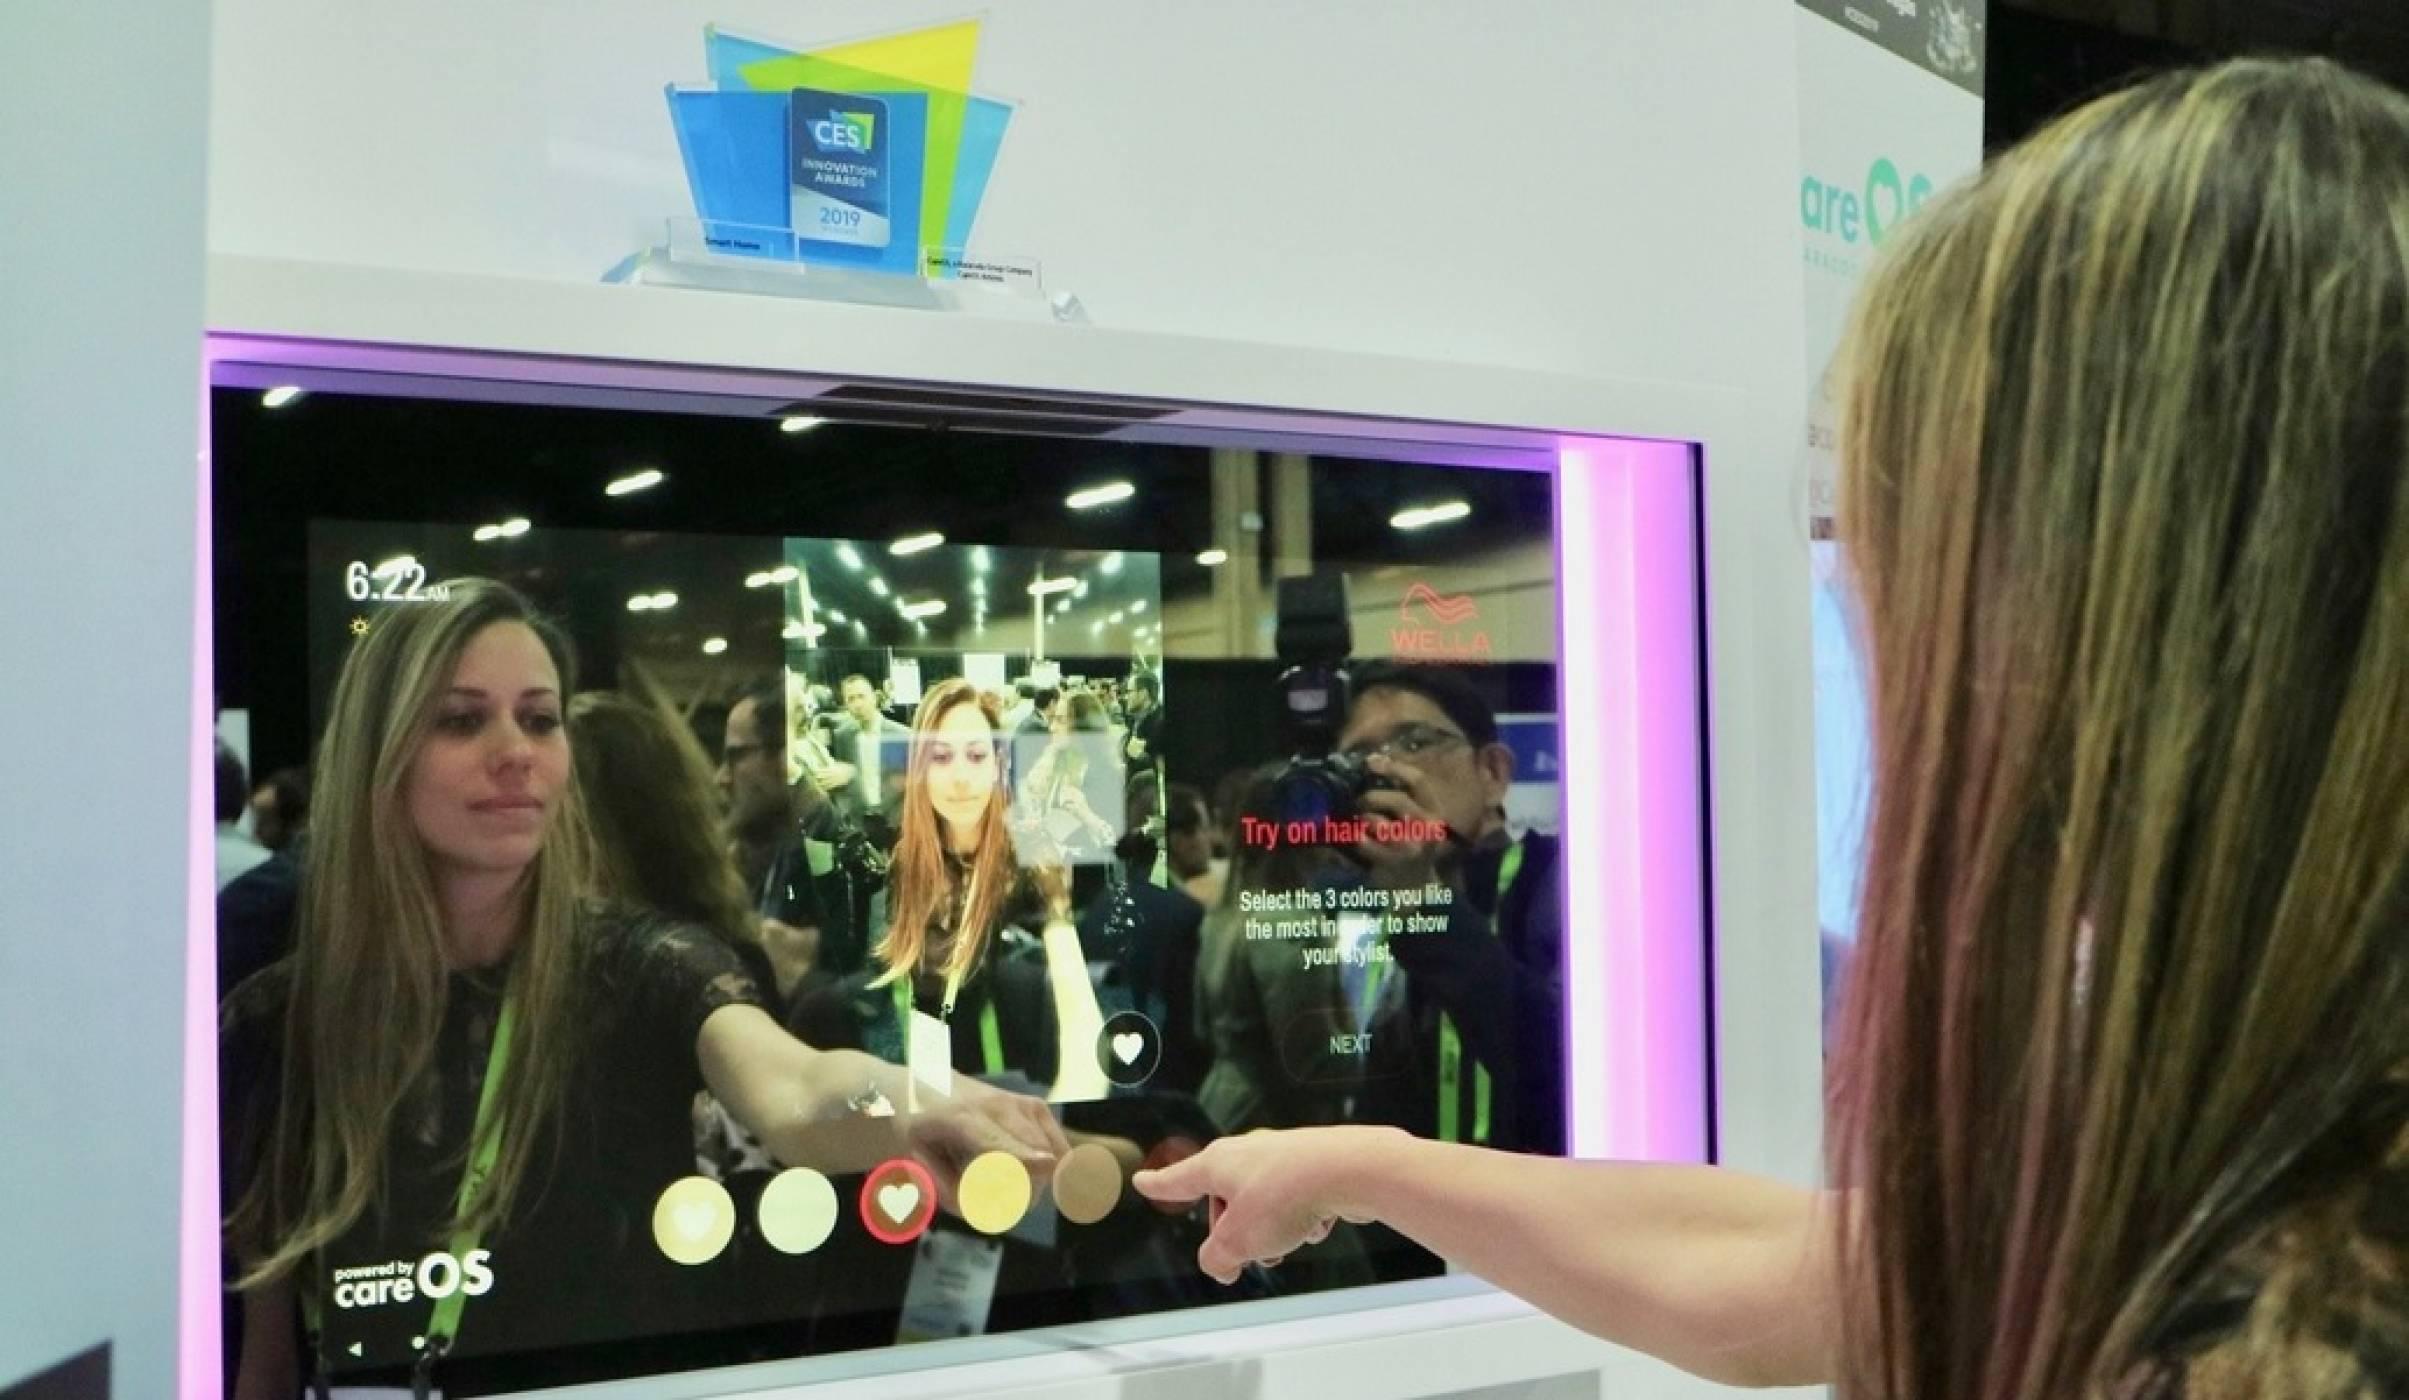 CES 2019: Умно огледало ви позволява да пробвате прически с добавена реалност